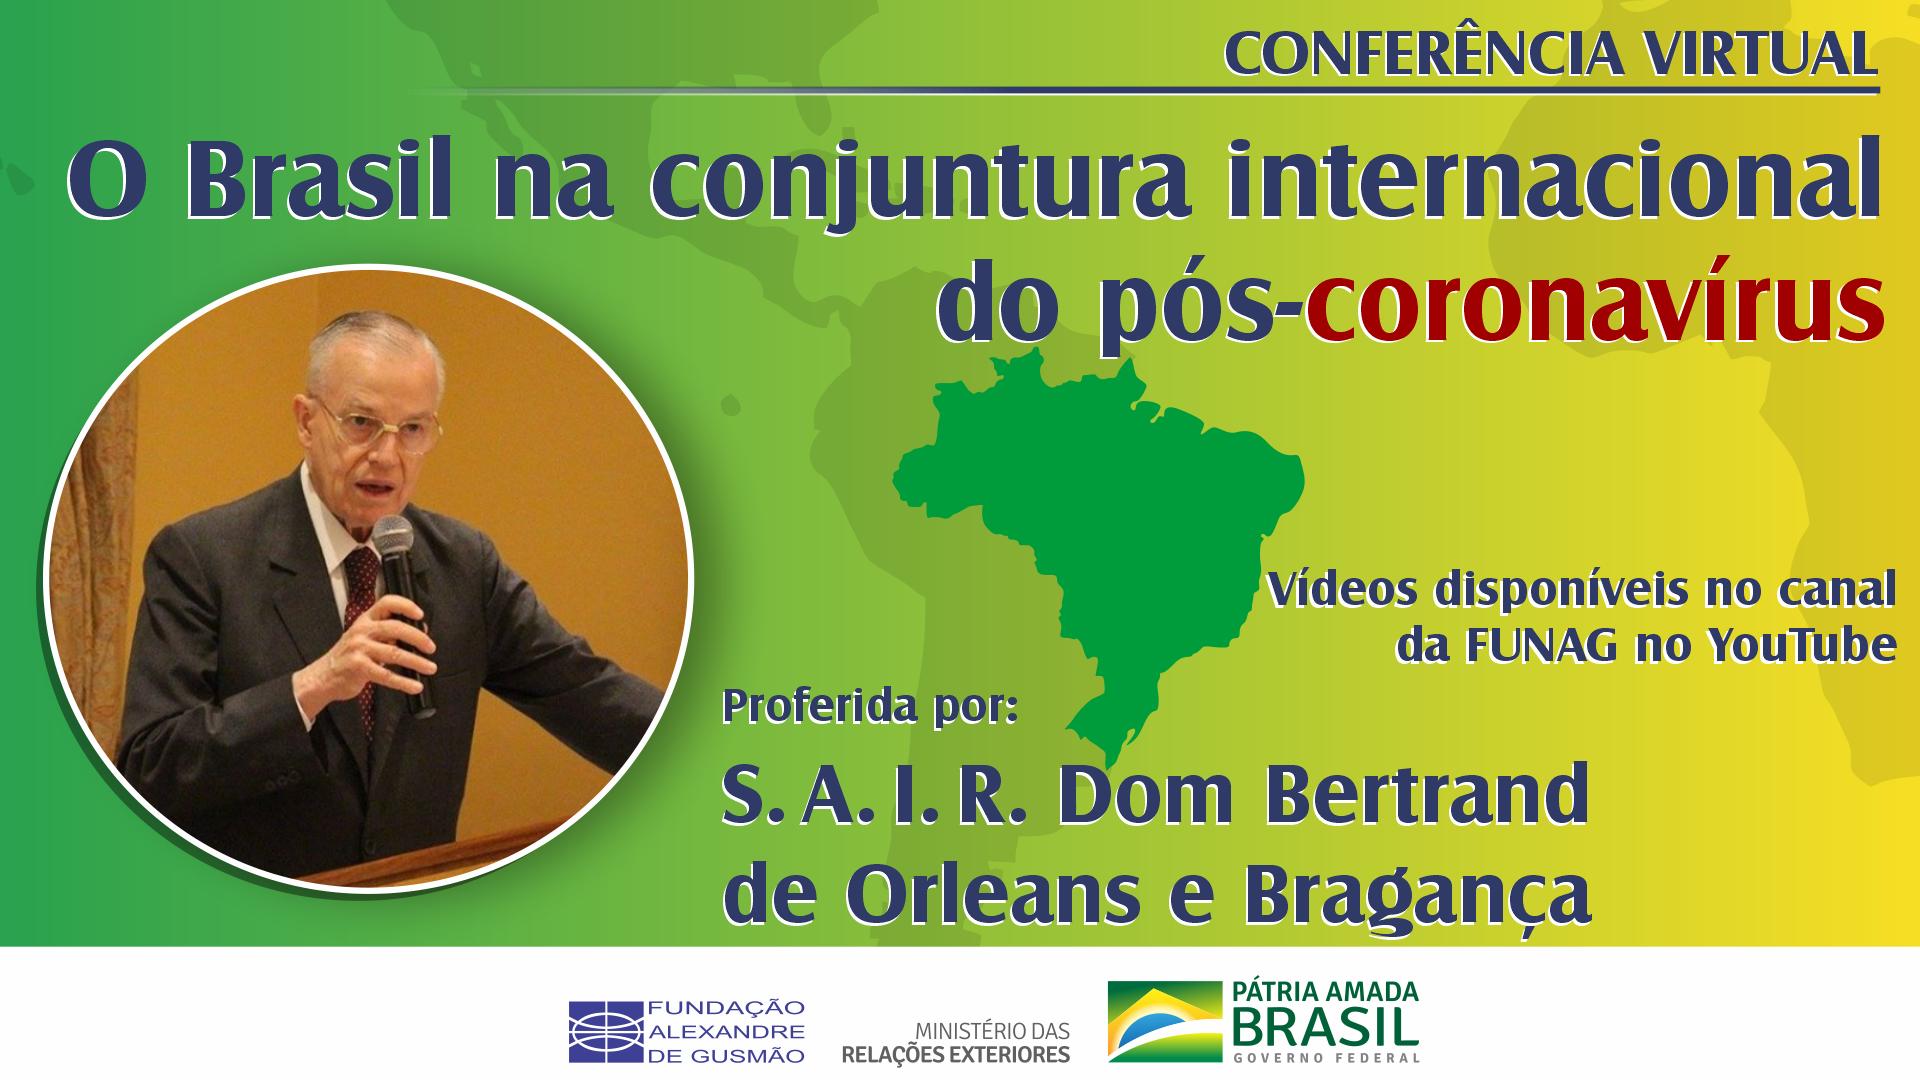 Assista aos vídeos da conferência de S. A. I. R. Dom Bertrand de Orleans e Bragança